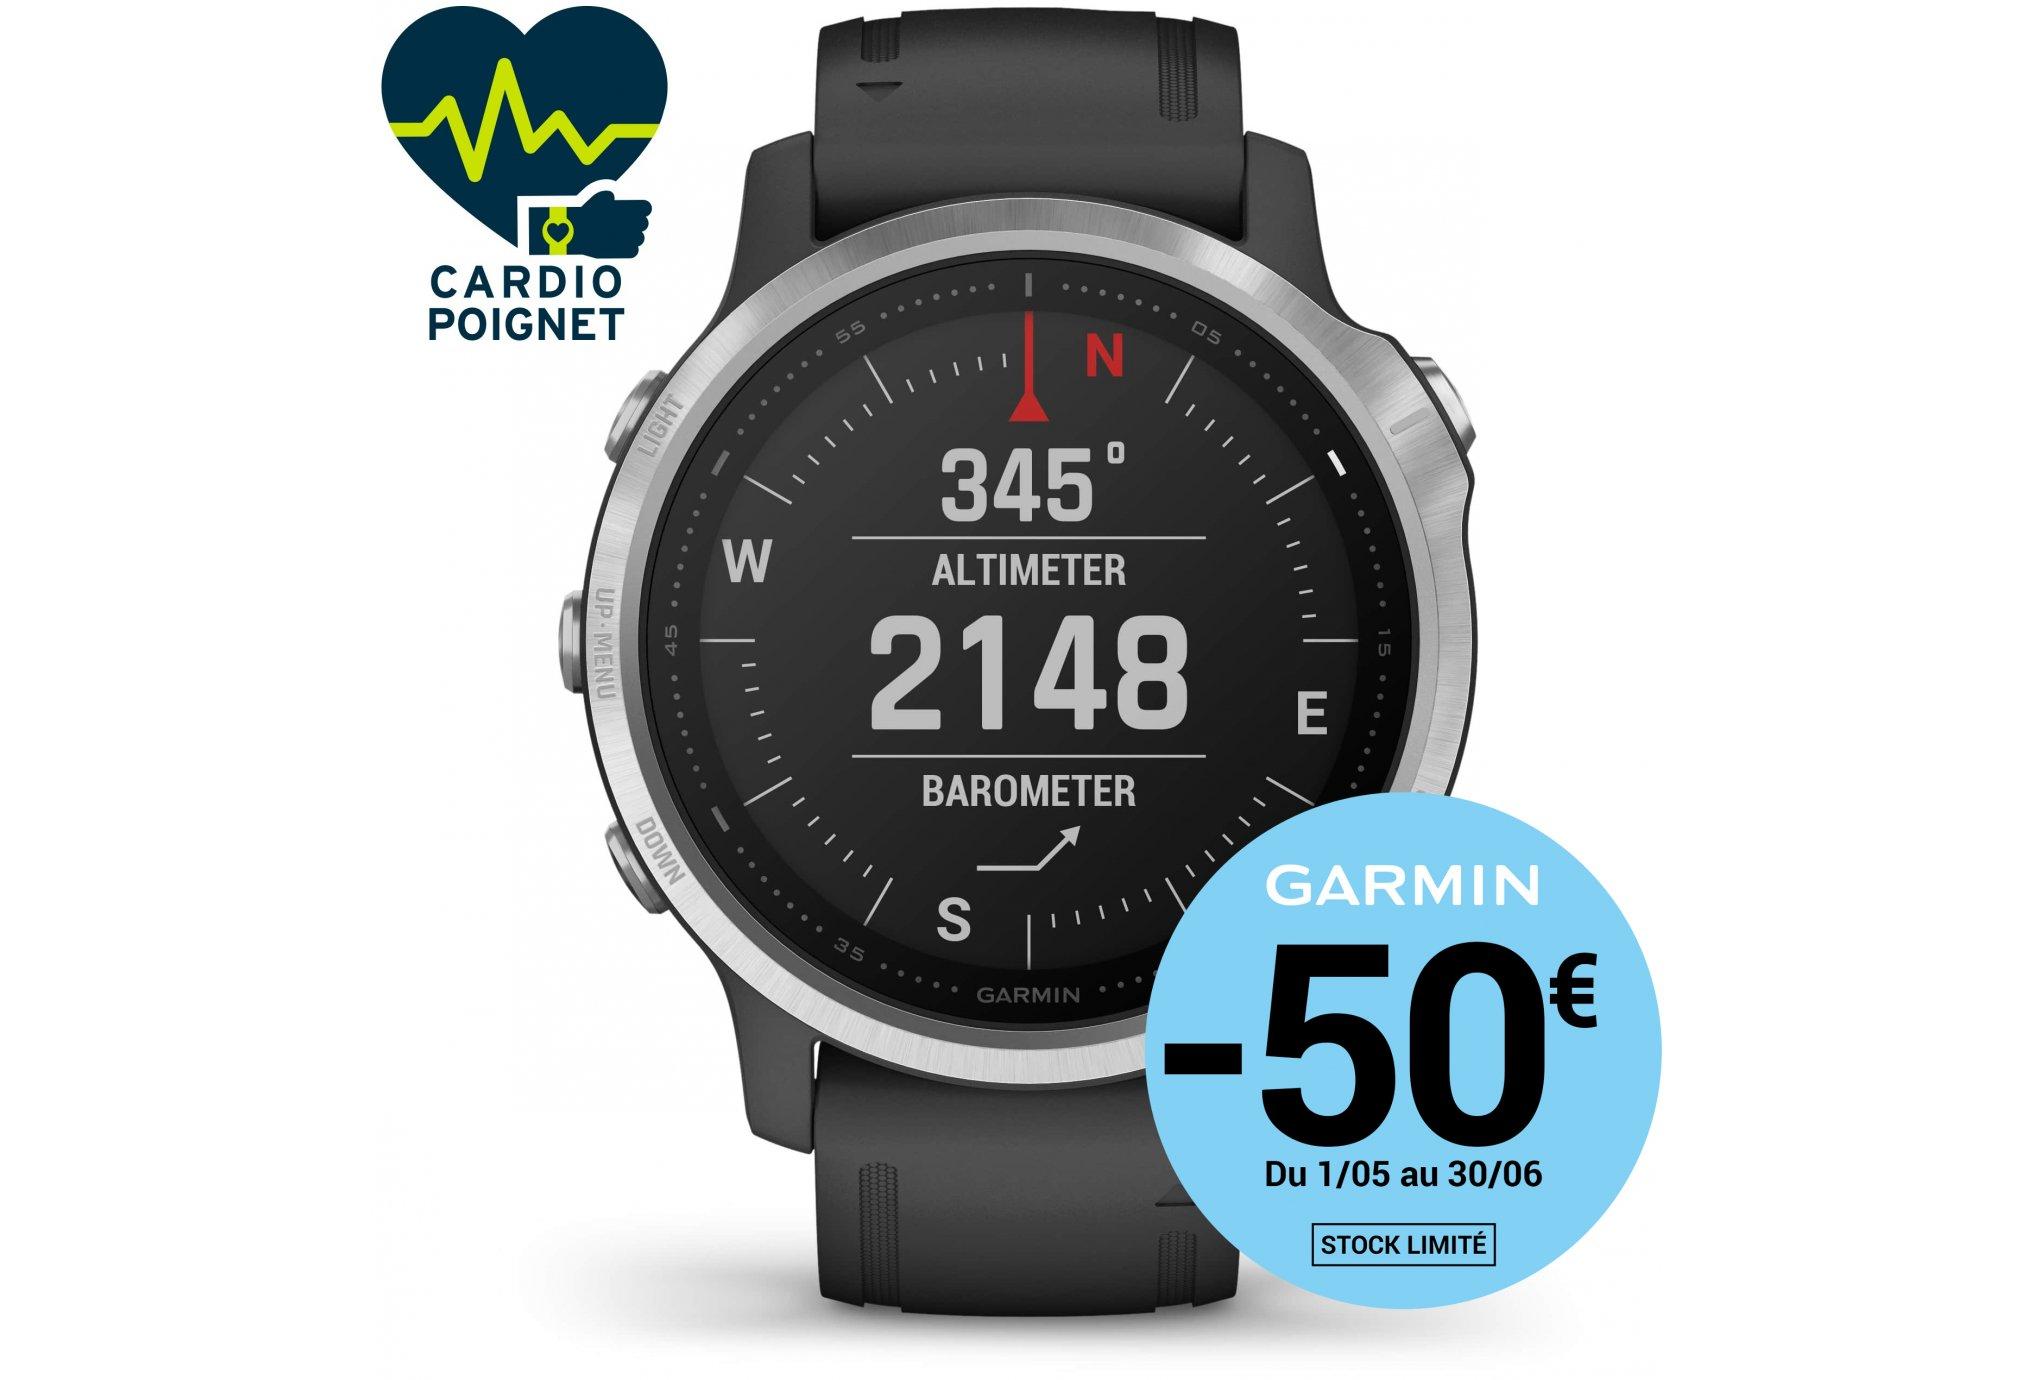 Garmin Fenix 6S Cardio-Gps